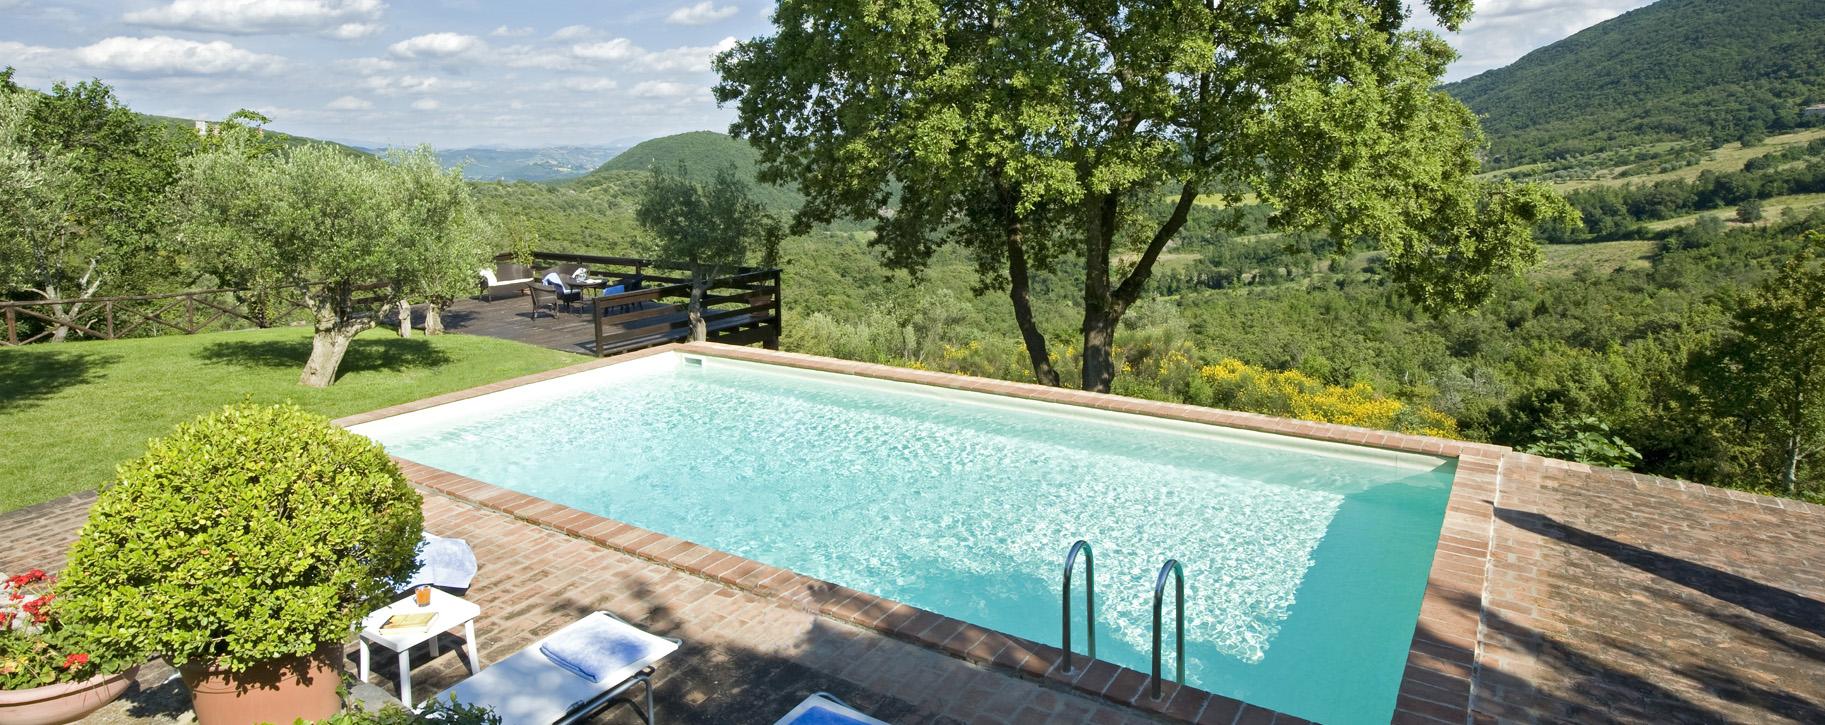 Location villa italie piscine